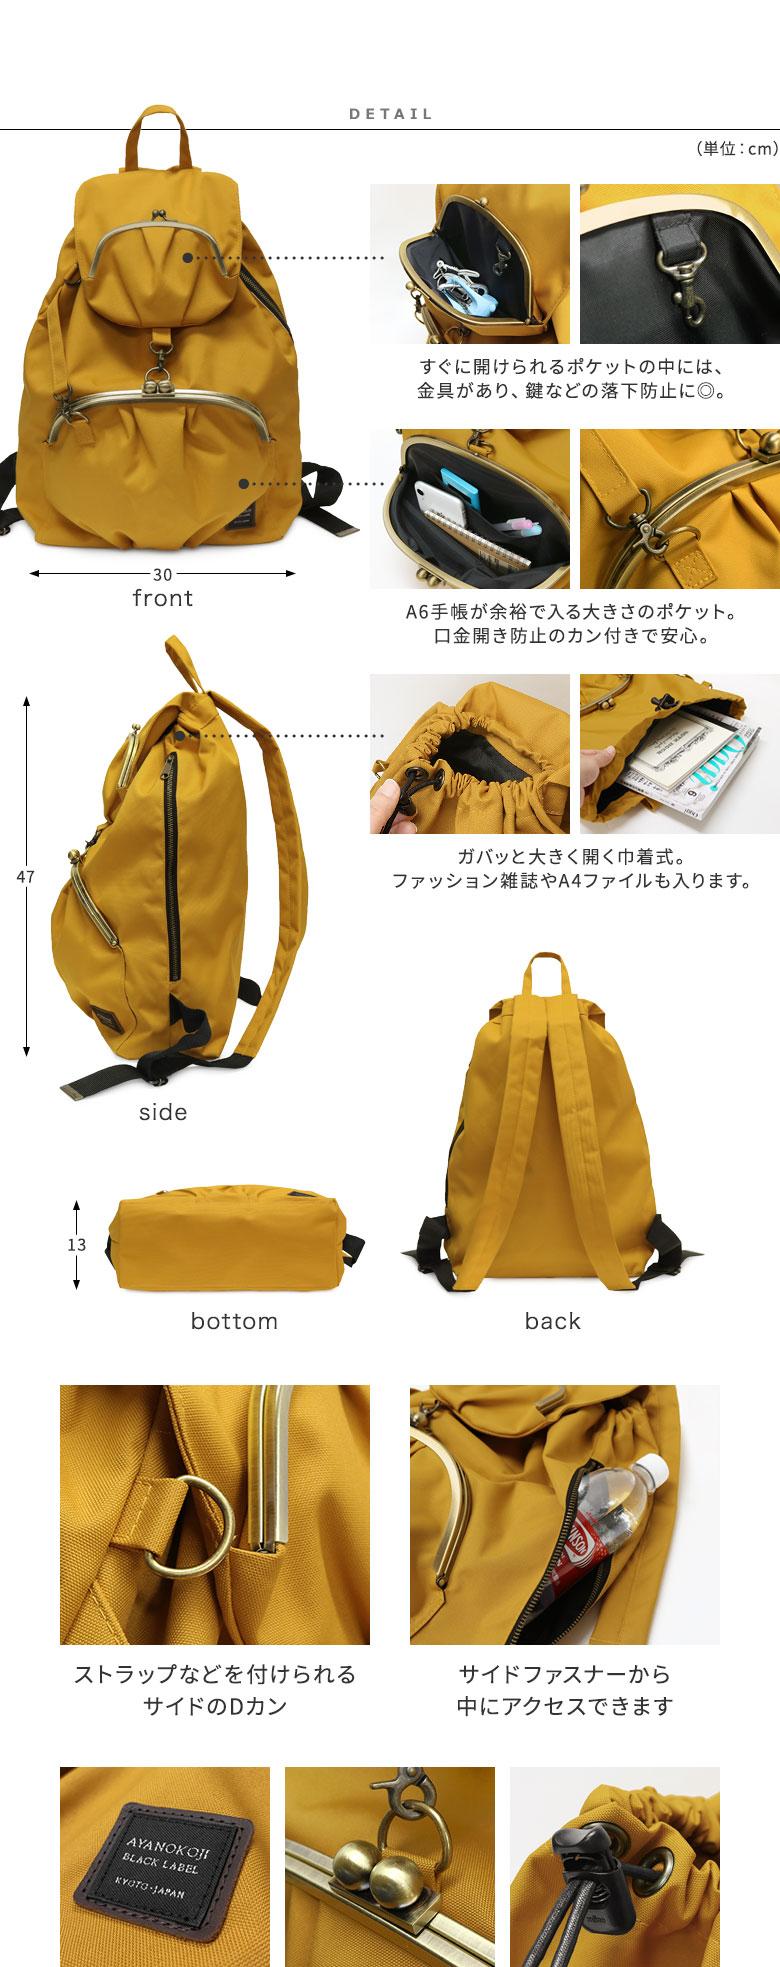 コーデュラ CORDURA がま口リュック(大)  POINT すぐに開けられるポケットの中には、金具があり、鍵などの落下防止に◎。A6手帳が余裕で入る大きさのポケット。口金開き防止のカン付きで安心。ガバッと大きく開く巾着式。ファッション雑誌やA4ファイルも入ります。 ストラップなどを付けられるサイドのDカン。 サイドファスナーから中にアクセスできます。